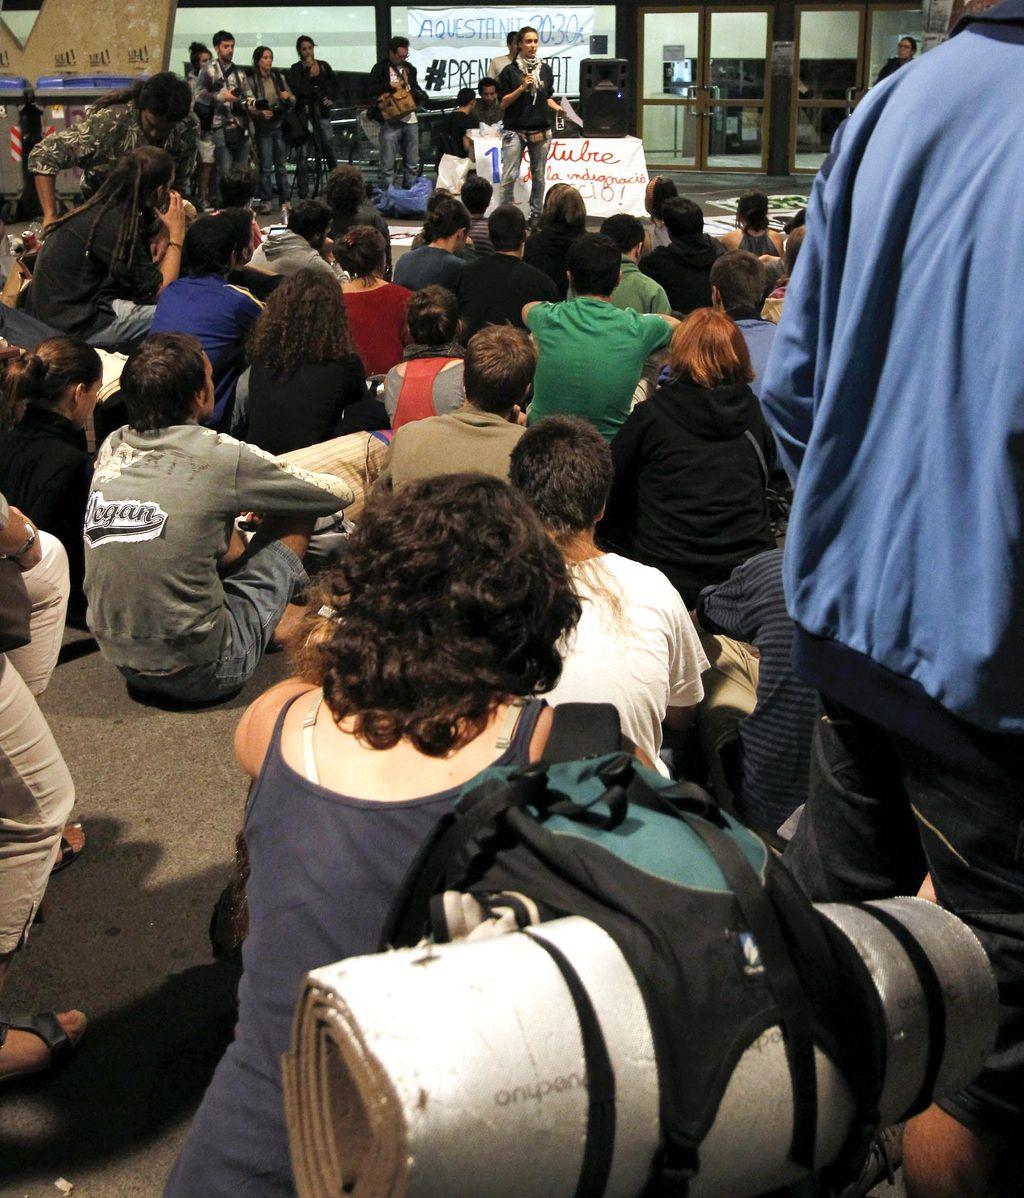 Un centenar de 'indignados' pasa su segunda noche en la Facultad de Geografía de la Universidad de Barcelona